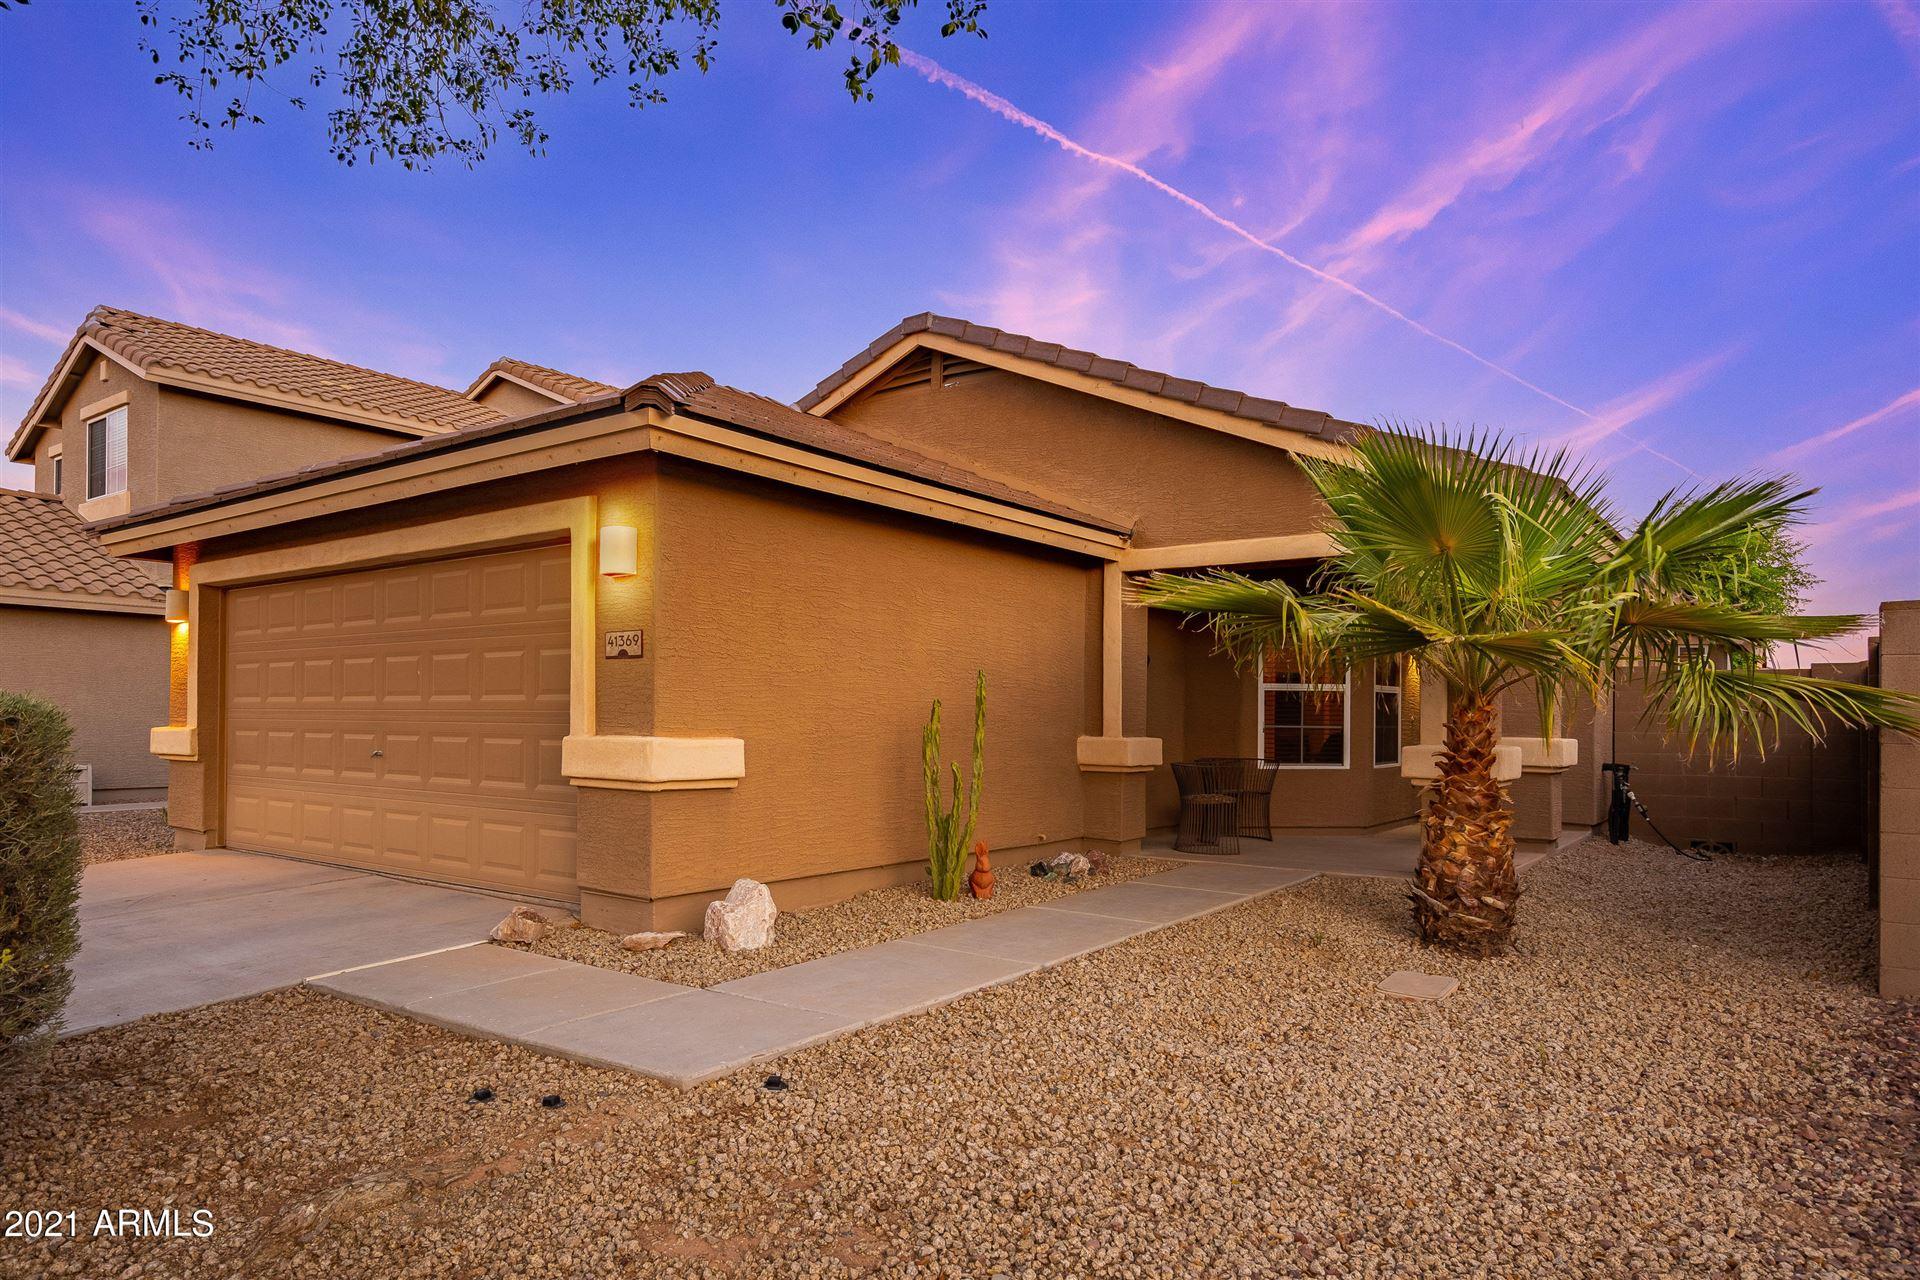 Photo of 41369 W LITTLE Drive, Maricopa, AZ 85138 (MLS # 6249026)